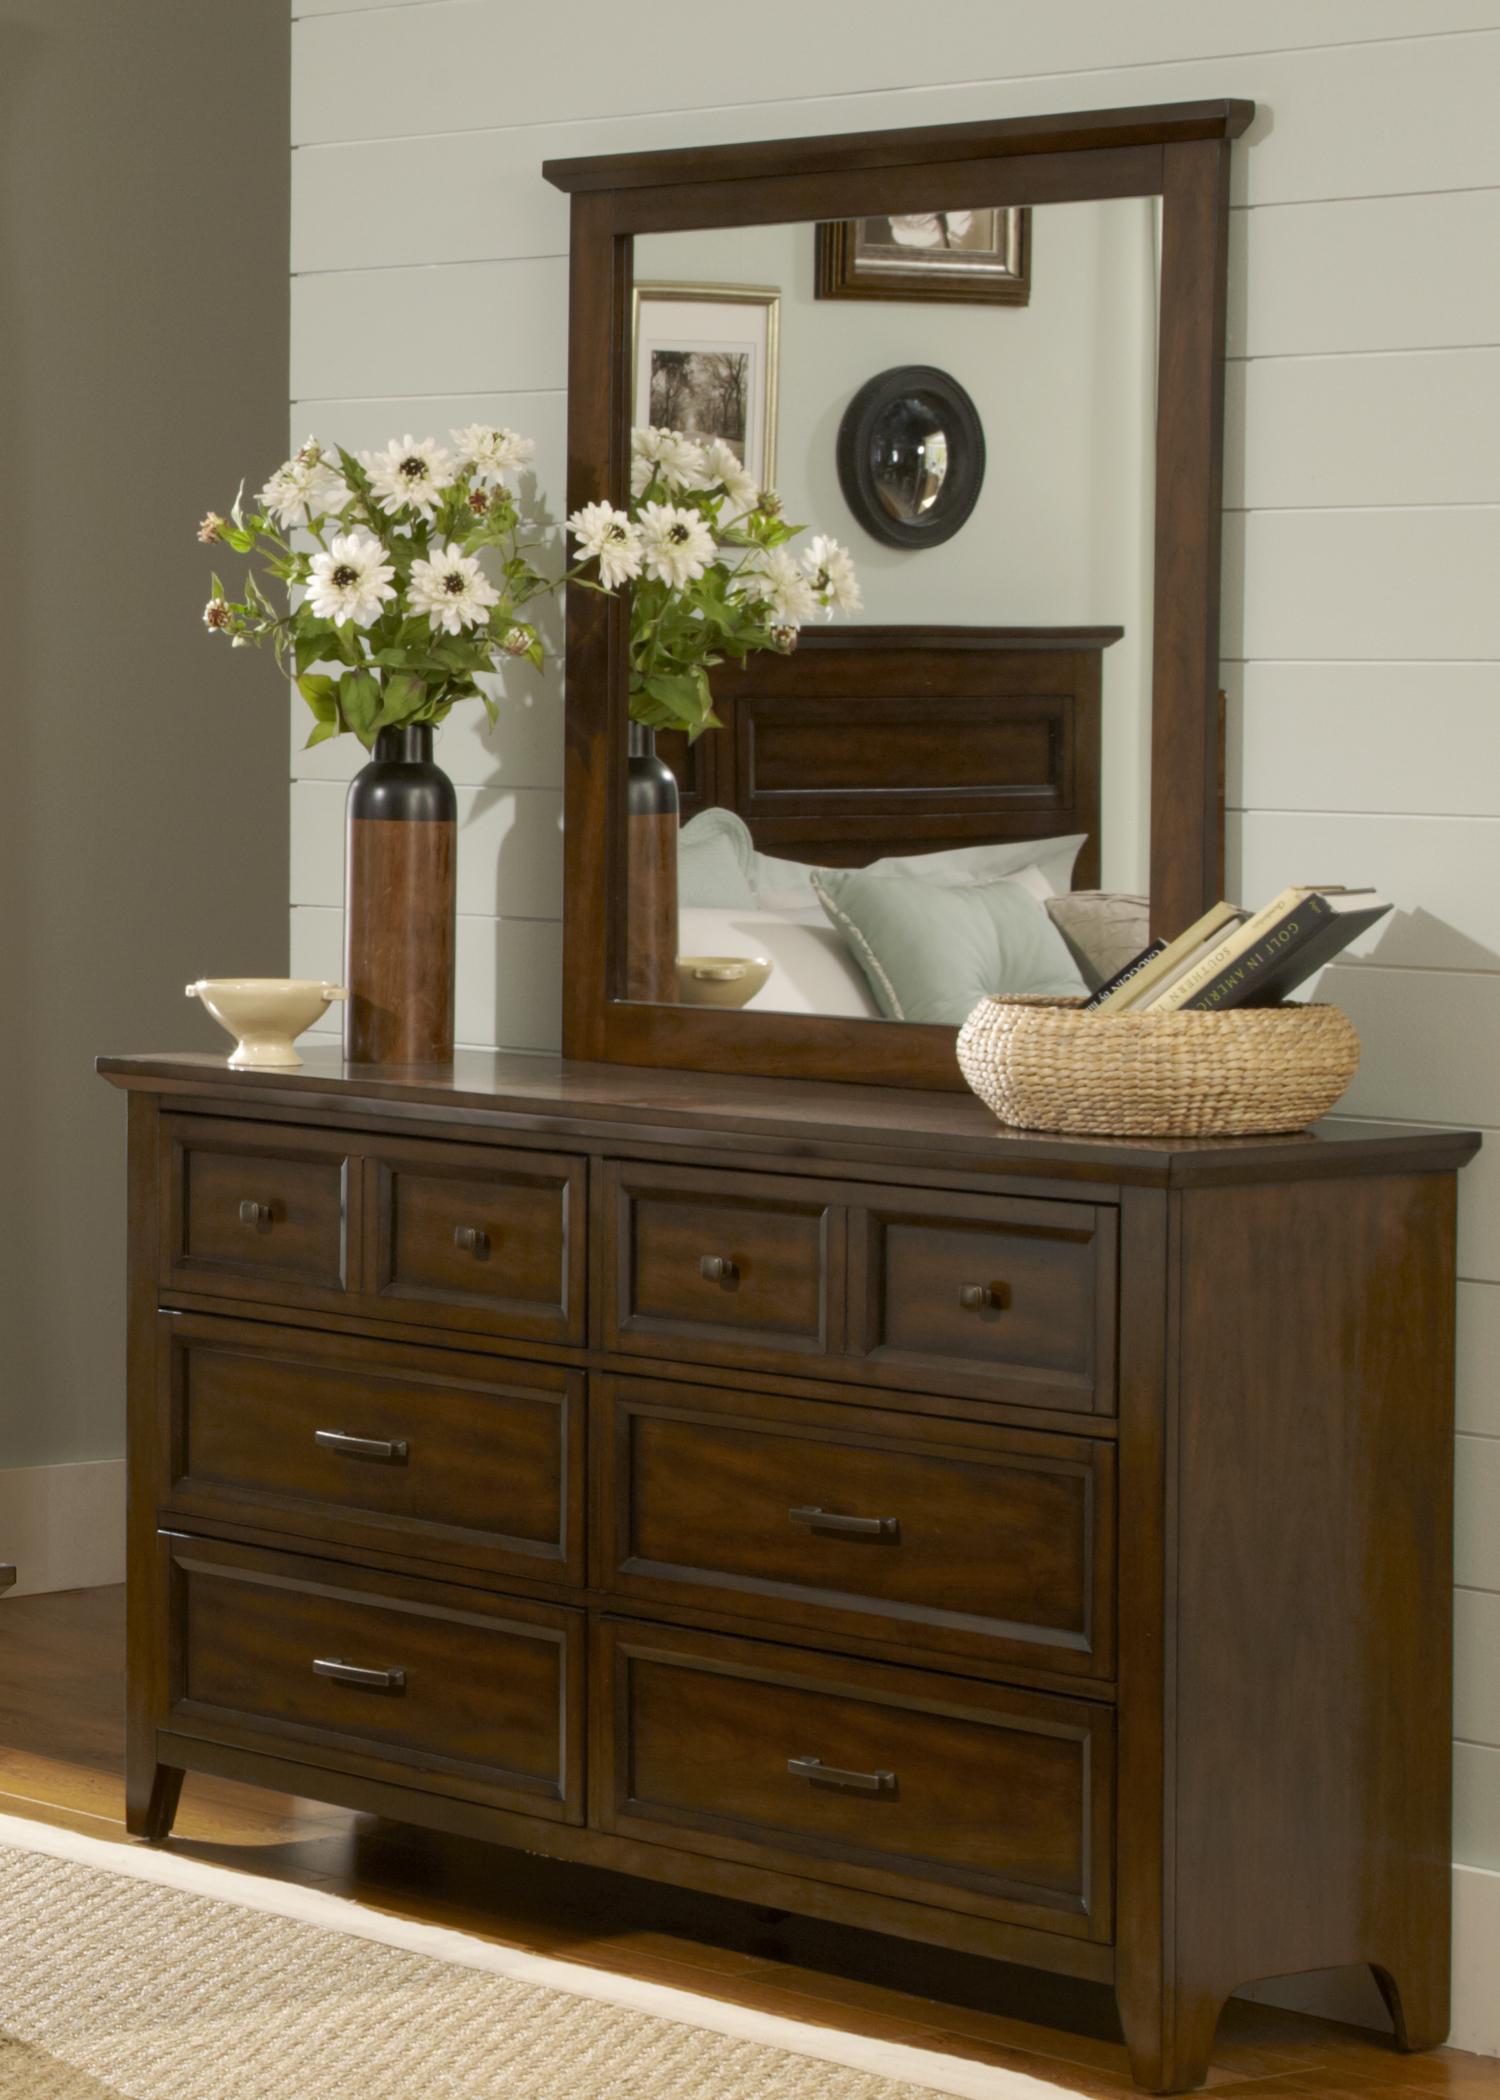 Model: 461-BR31 | 6 Drawer Dresser